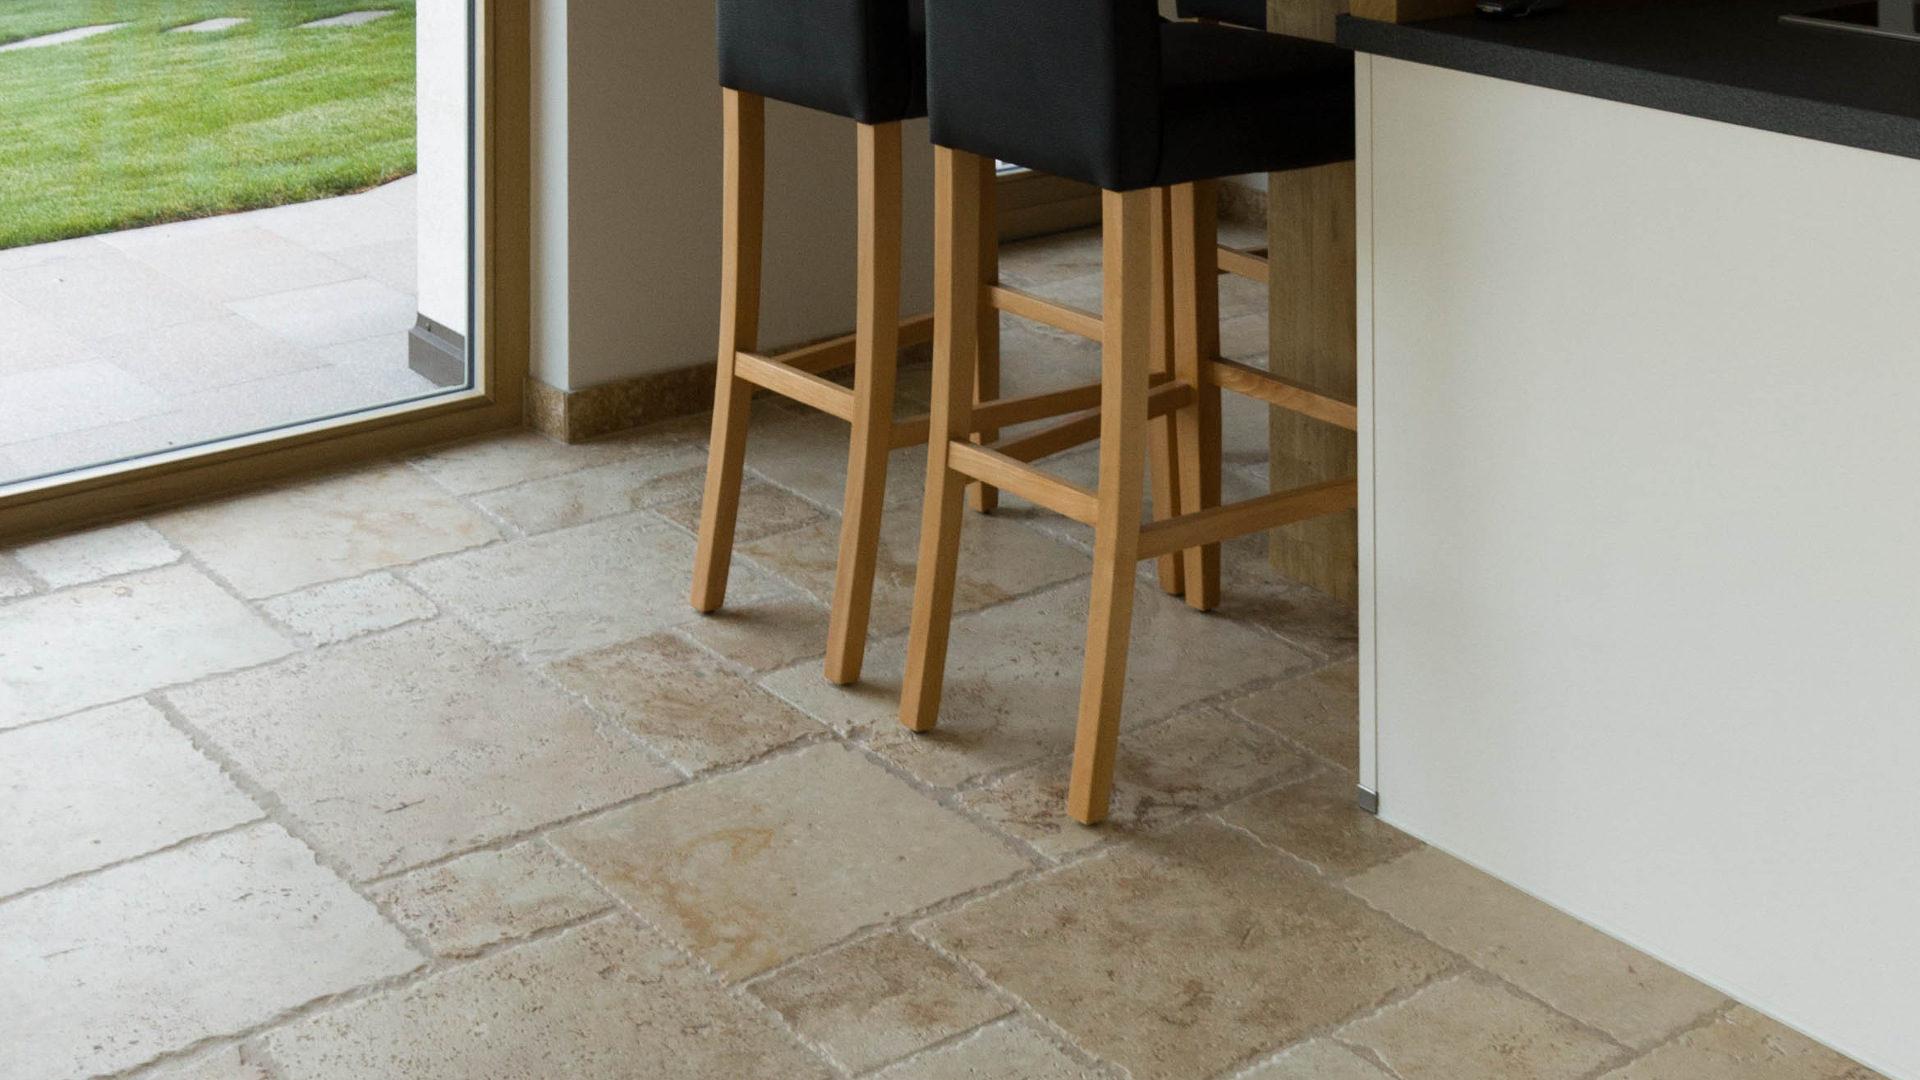 Pavimenti per soggiorno piastrelle per il soggiorno cose di casa pavimenti in resina pro e - Pavimenti in cemento per interni pro e contro ...